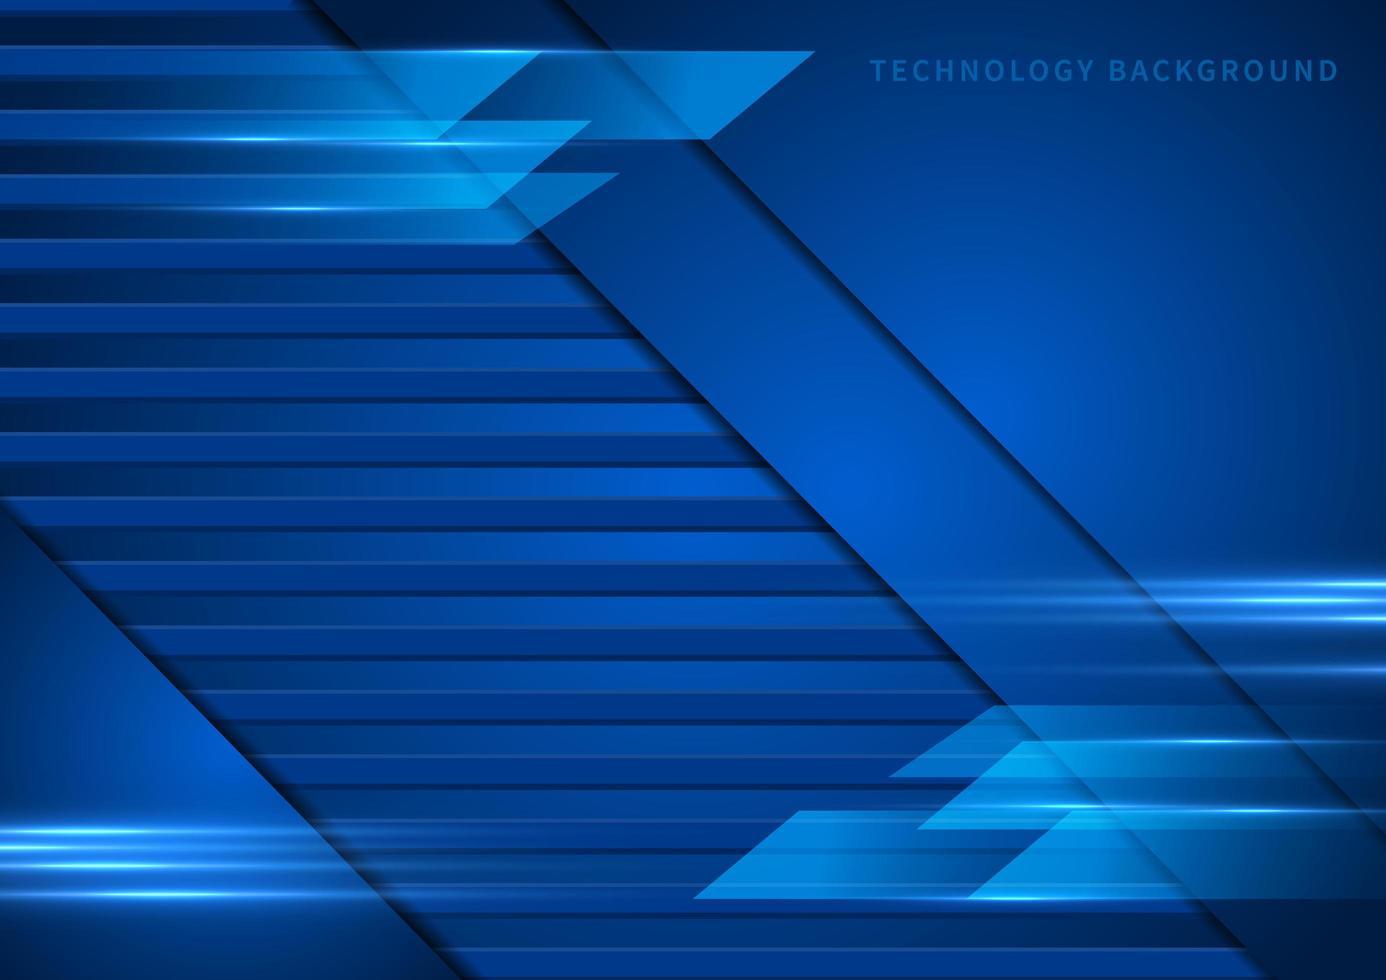 sfondo blu tech, astratto e geometrico vettore